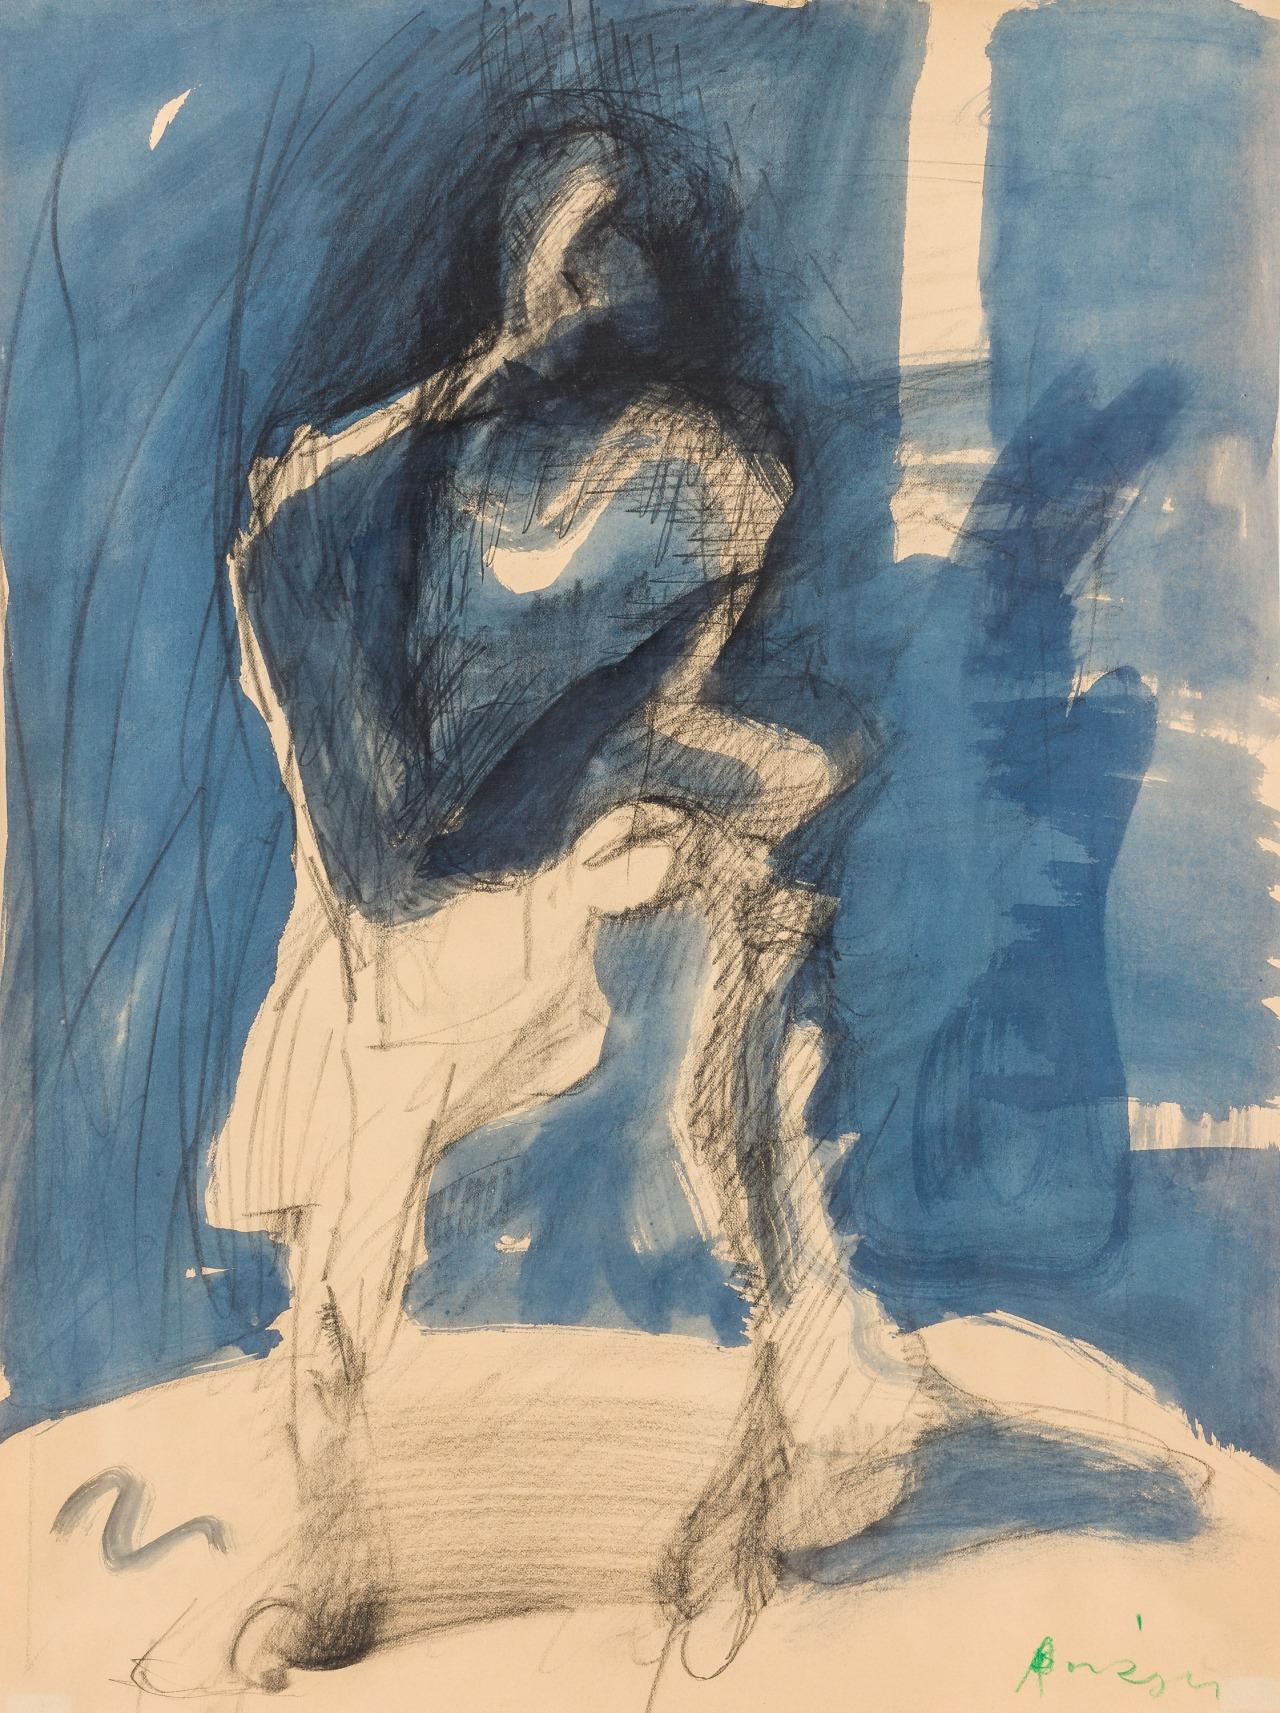 """thunderstruck9: """" Siegfried Anzinger (Austrian, b. 1953), Schritt in den Schatten [Step into the shadows], 1985. Mixed media on paper, 54 x 41.5 cm. """""""